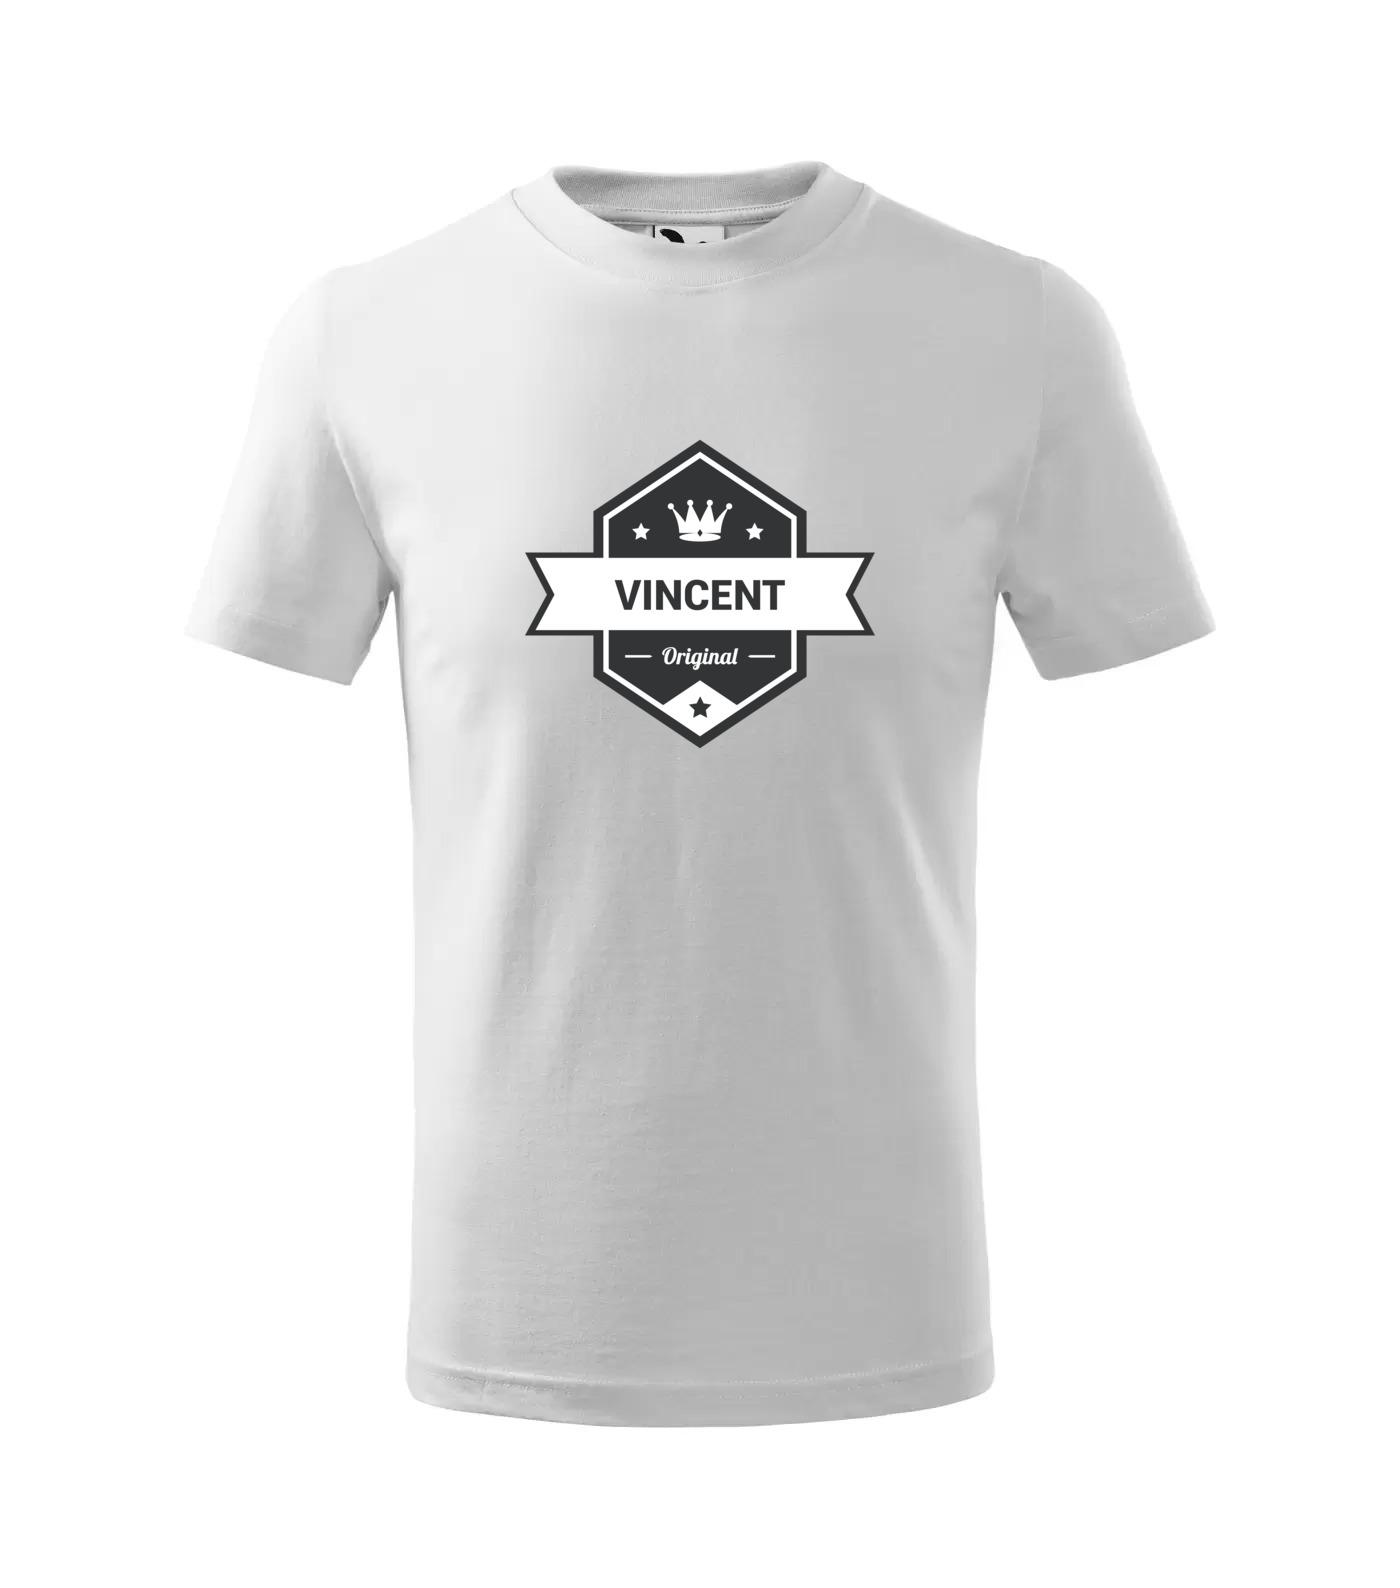 Tričko King Vincent